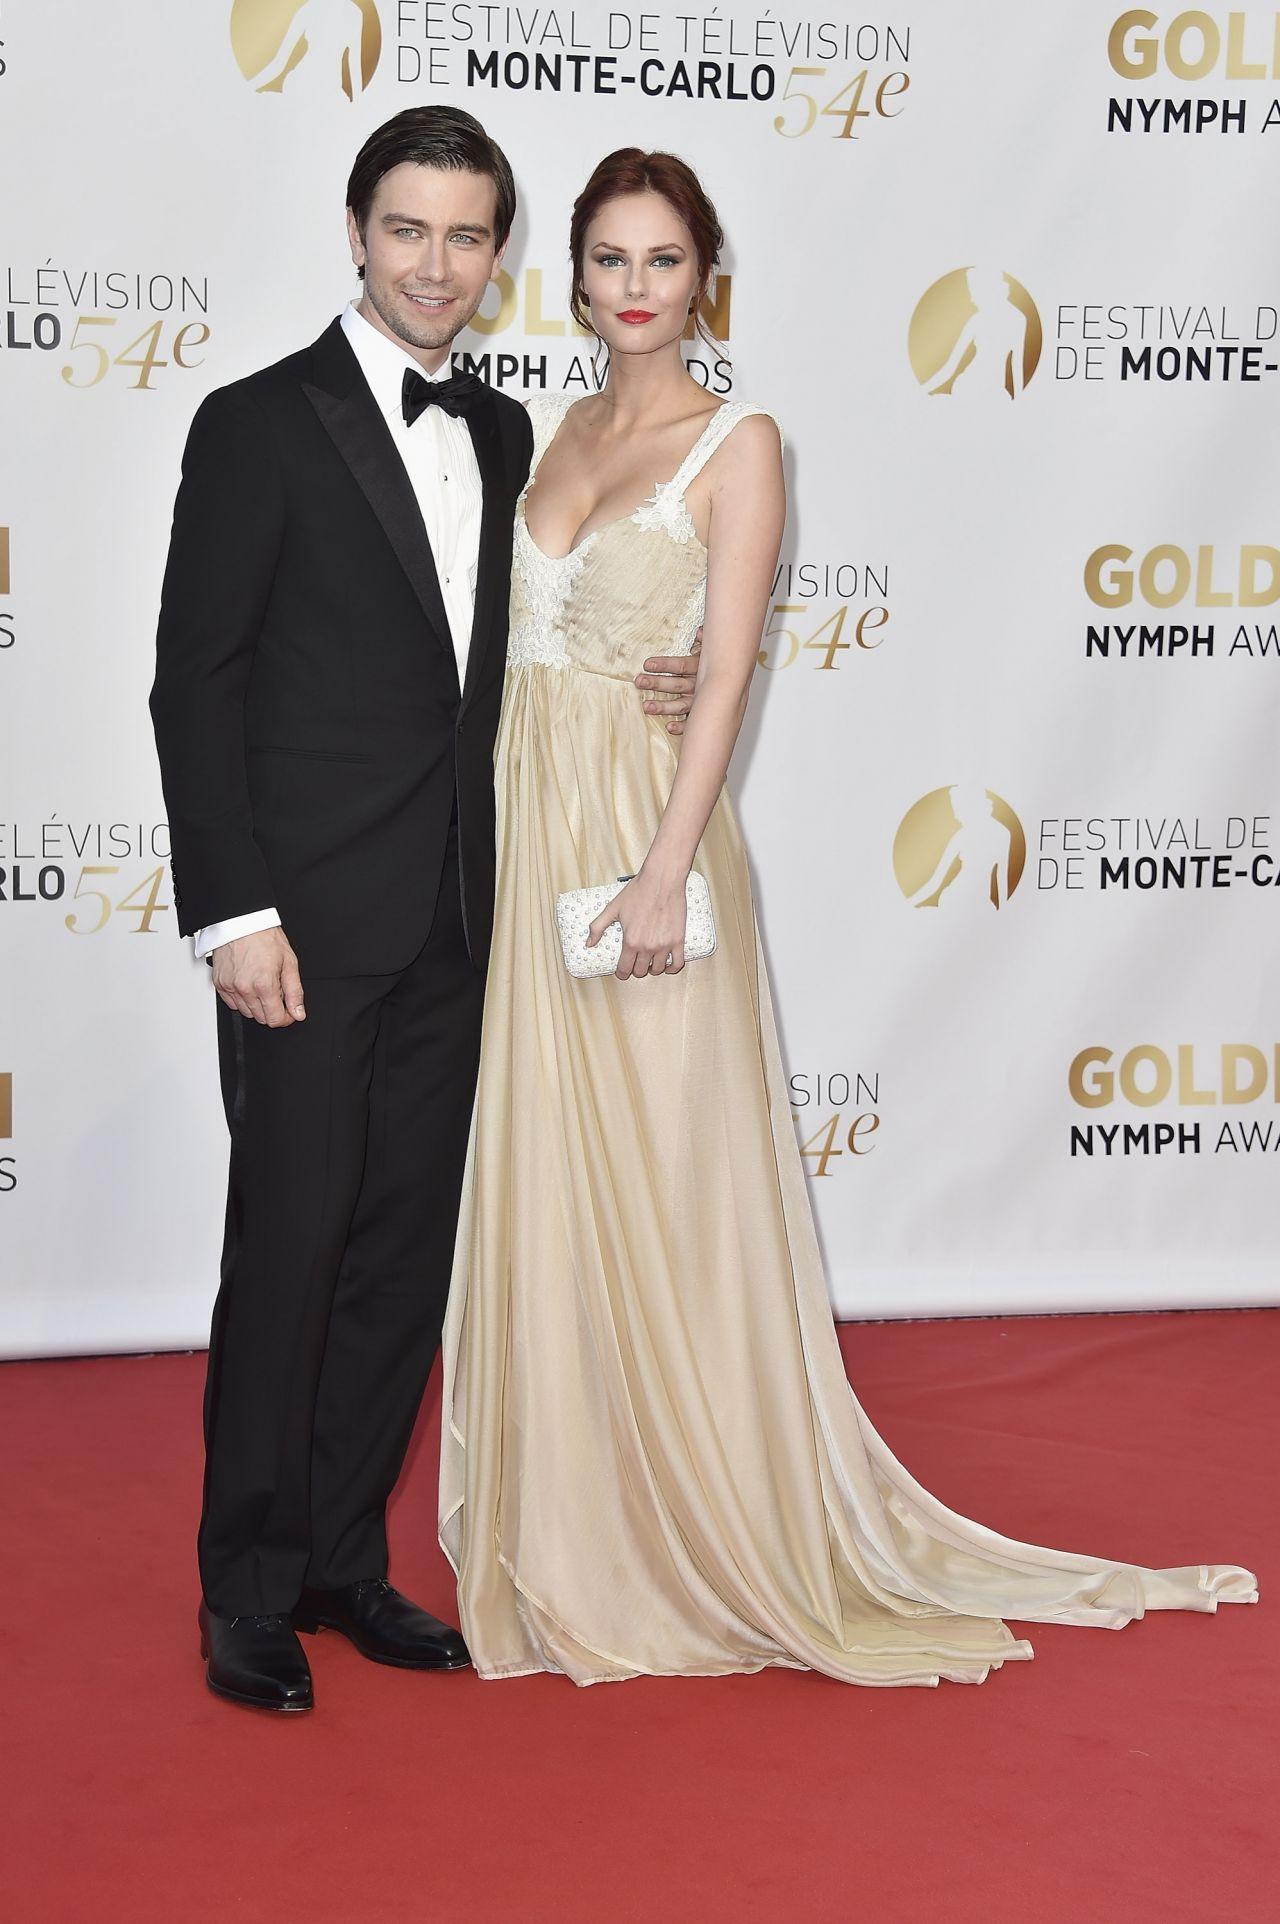 Kim Matula - 2014 Monte Carlo TV Festival • CelebMafia